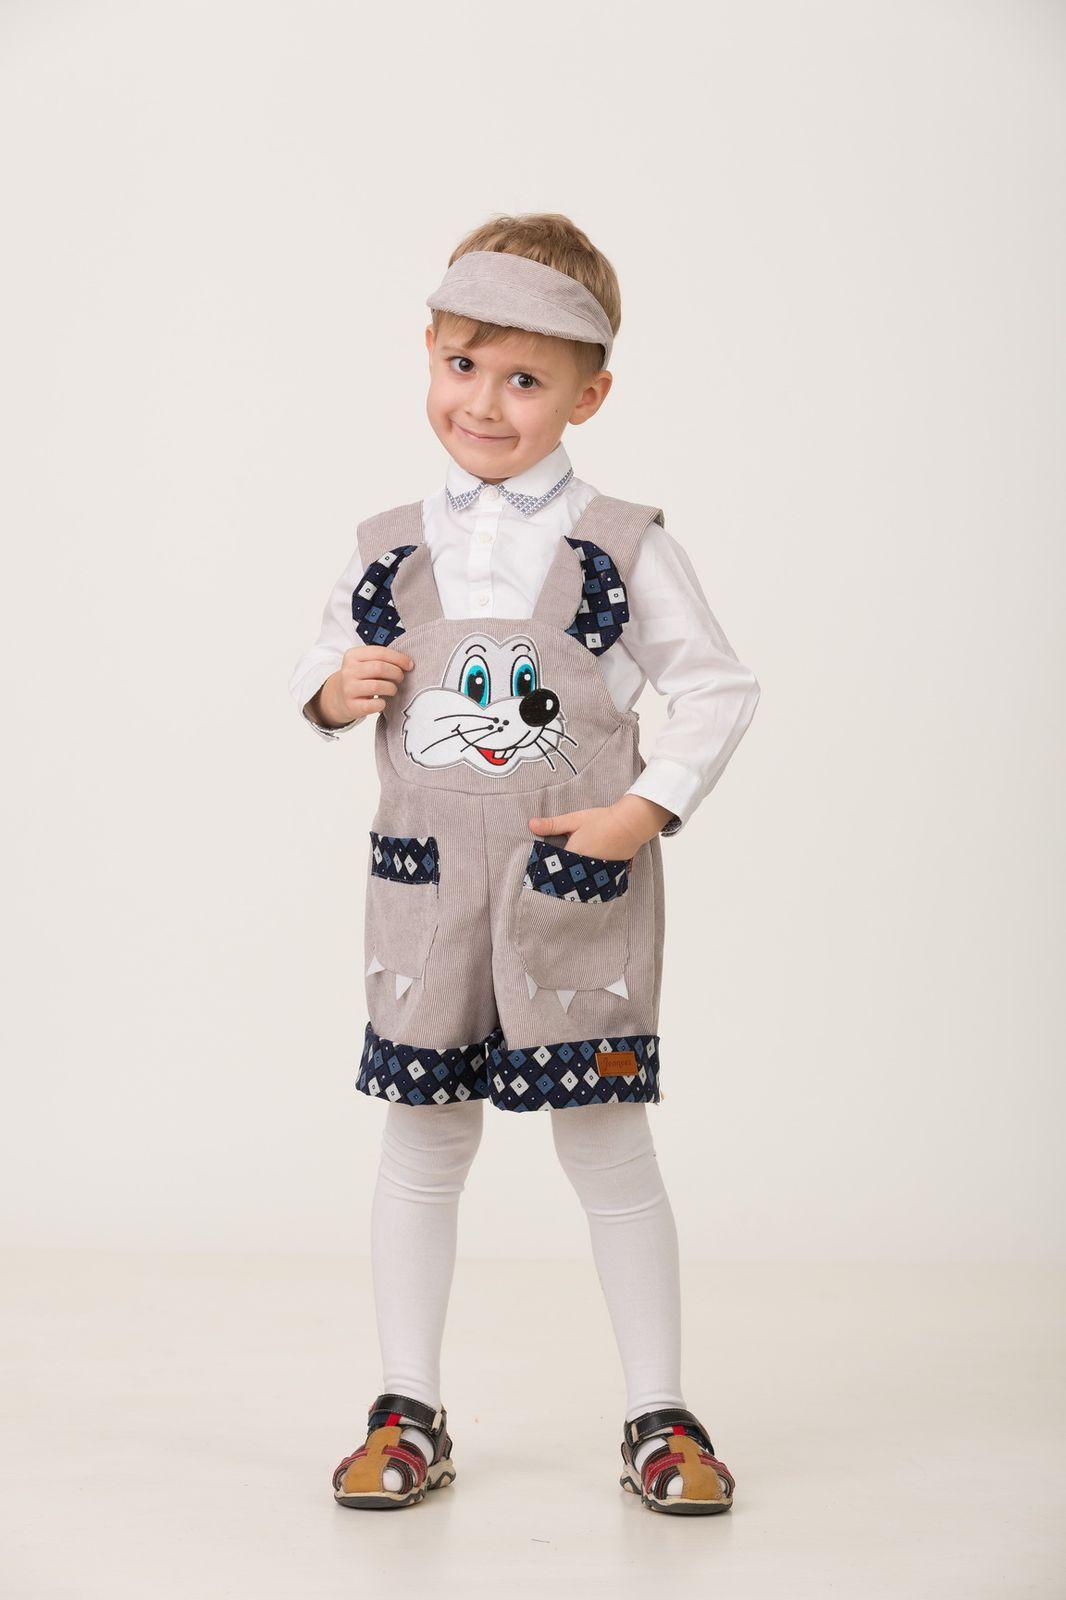 Карнавальный костюм Jeanees Мышонок Масик, цвет: серый. Размер: 30 карнавальный костюм jeanees зайка капризка цвет голубой размер 30